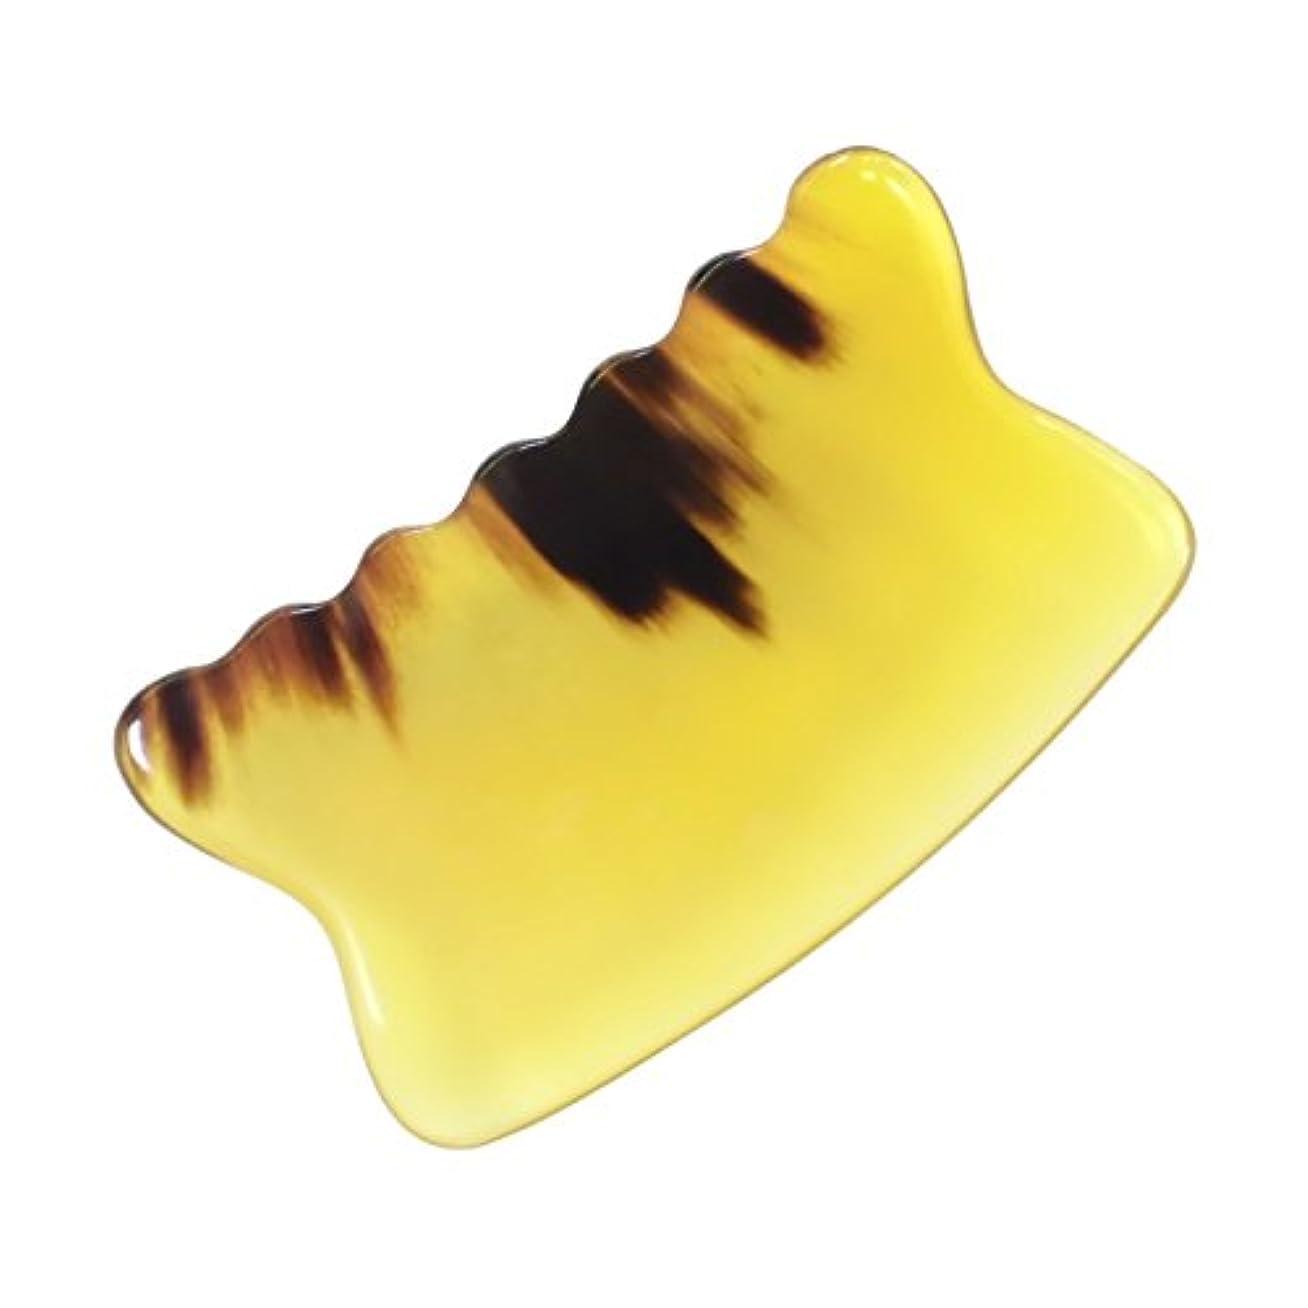 称賛無傷サイトかっさ プレート 希少67 黄水牛角 極美品 曲波型